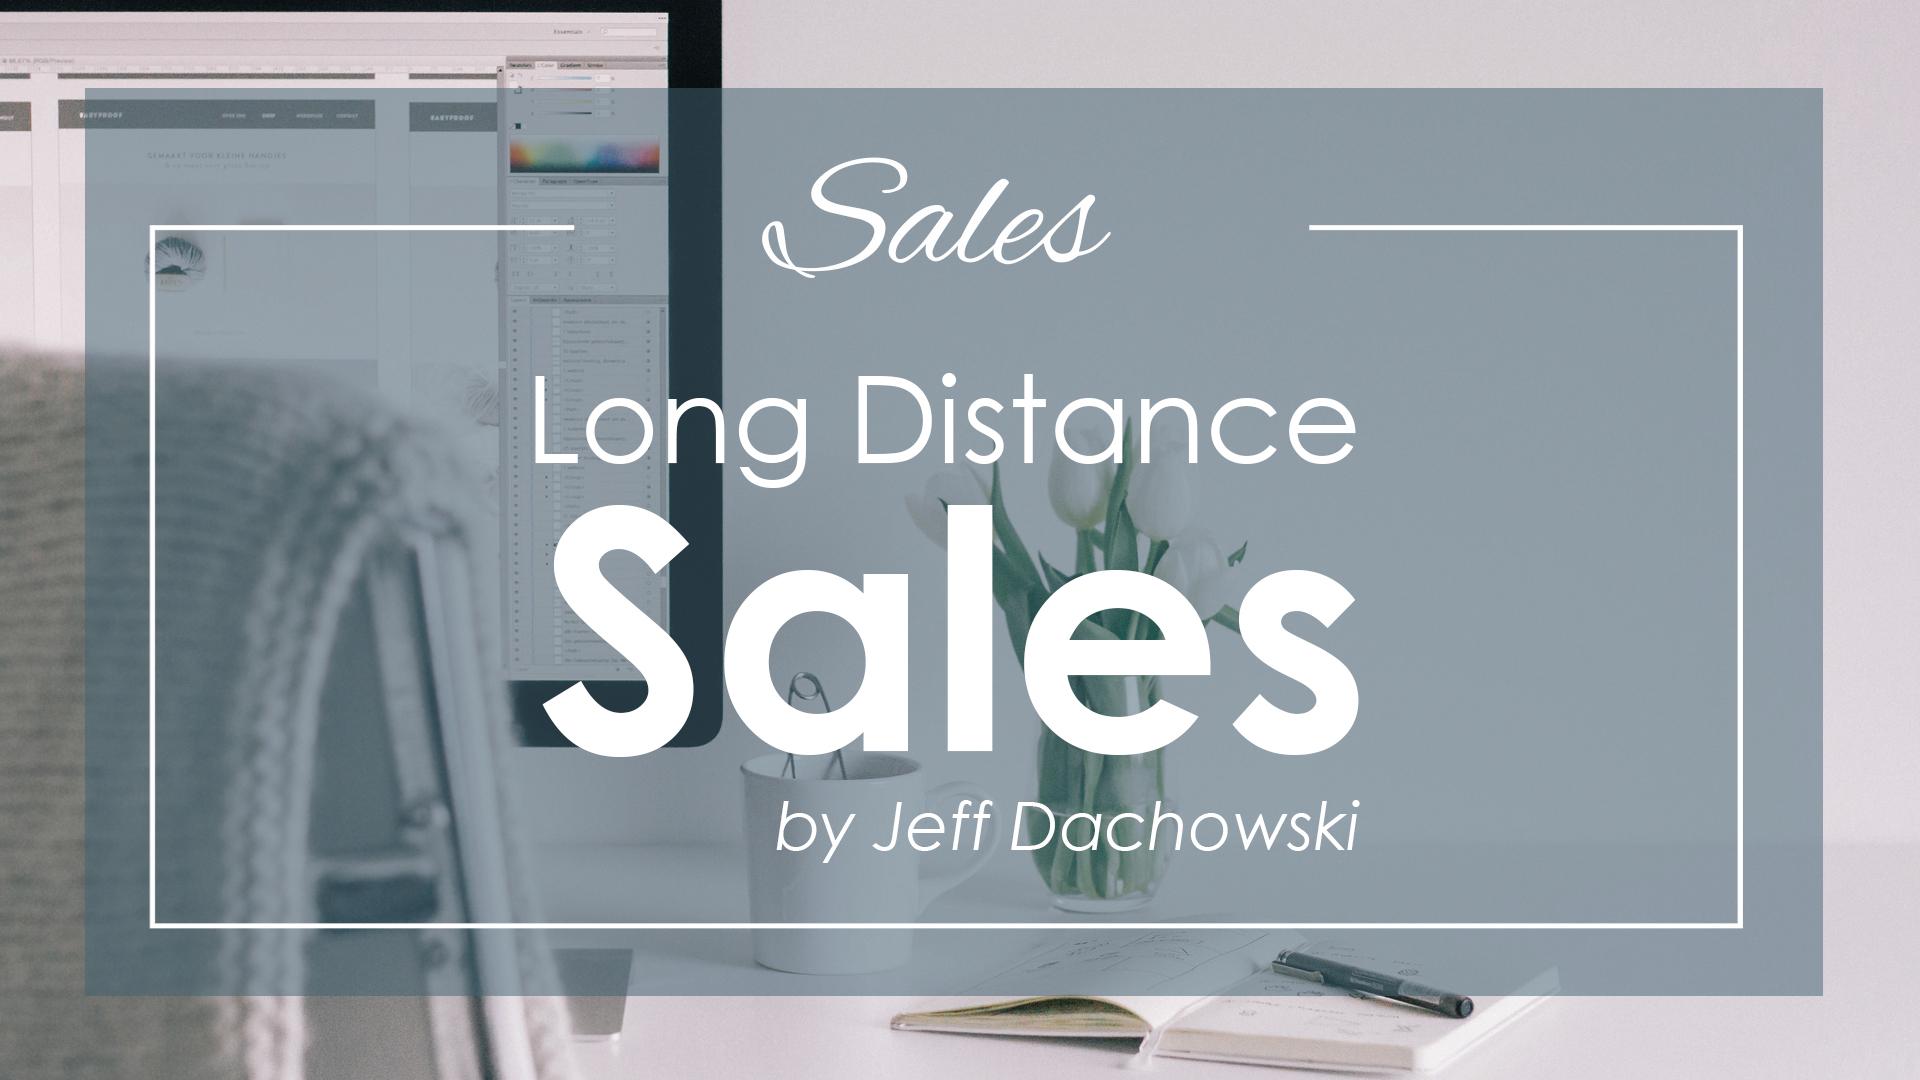 Long Distance Sales